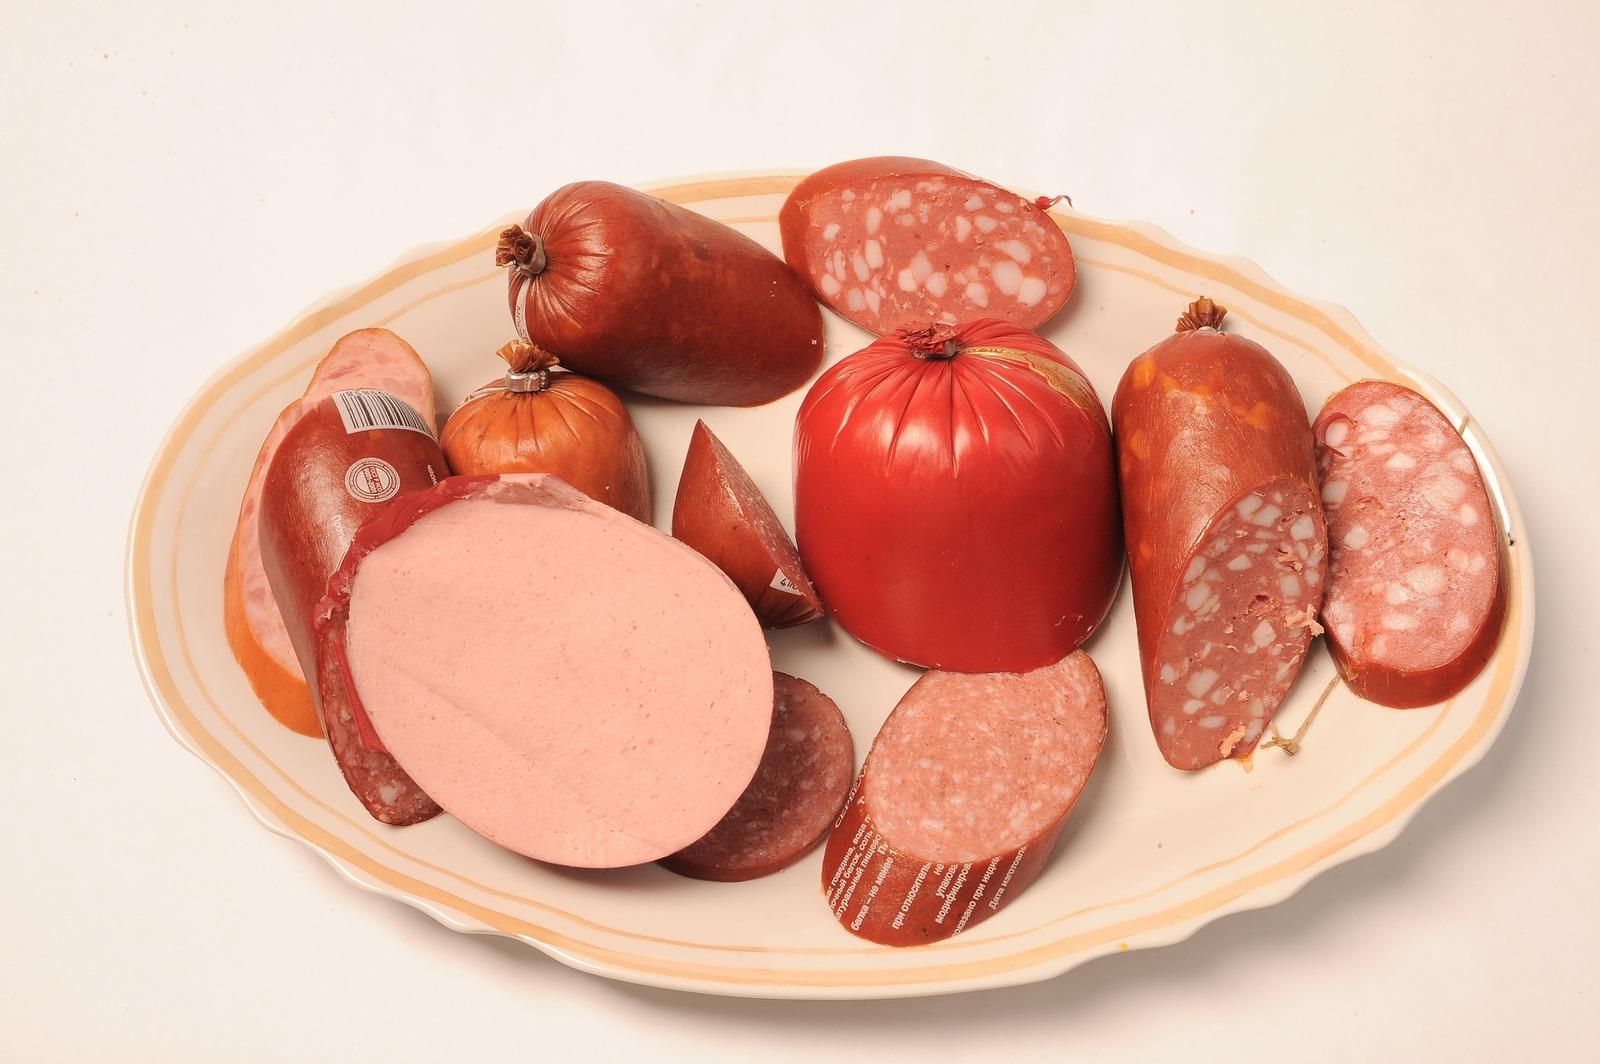 При выборе колбасы всегда смотрите состав, который находится на этикетке. Обратите внимание, какой вид мяса указан на первых трех позициях / https://pixabay.com